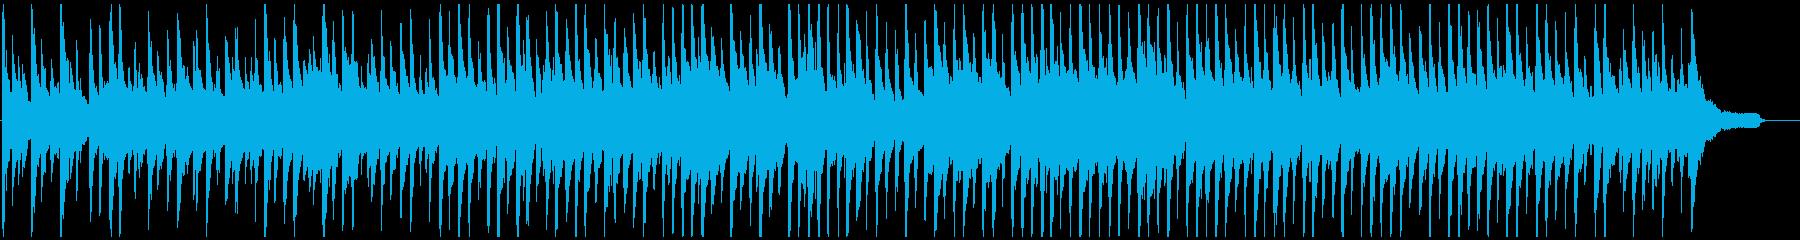 しっとり系のウクレレ曲 初夏のくつろぎの再生済みの波形